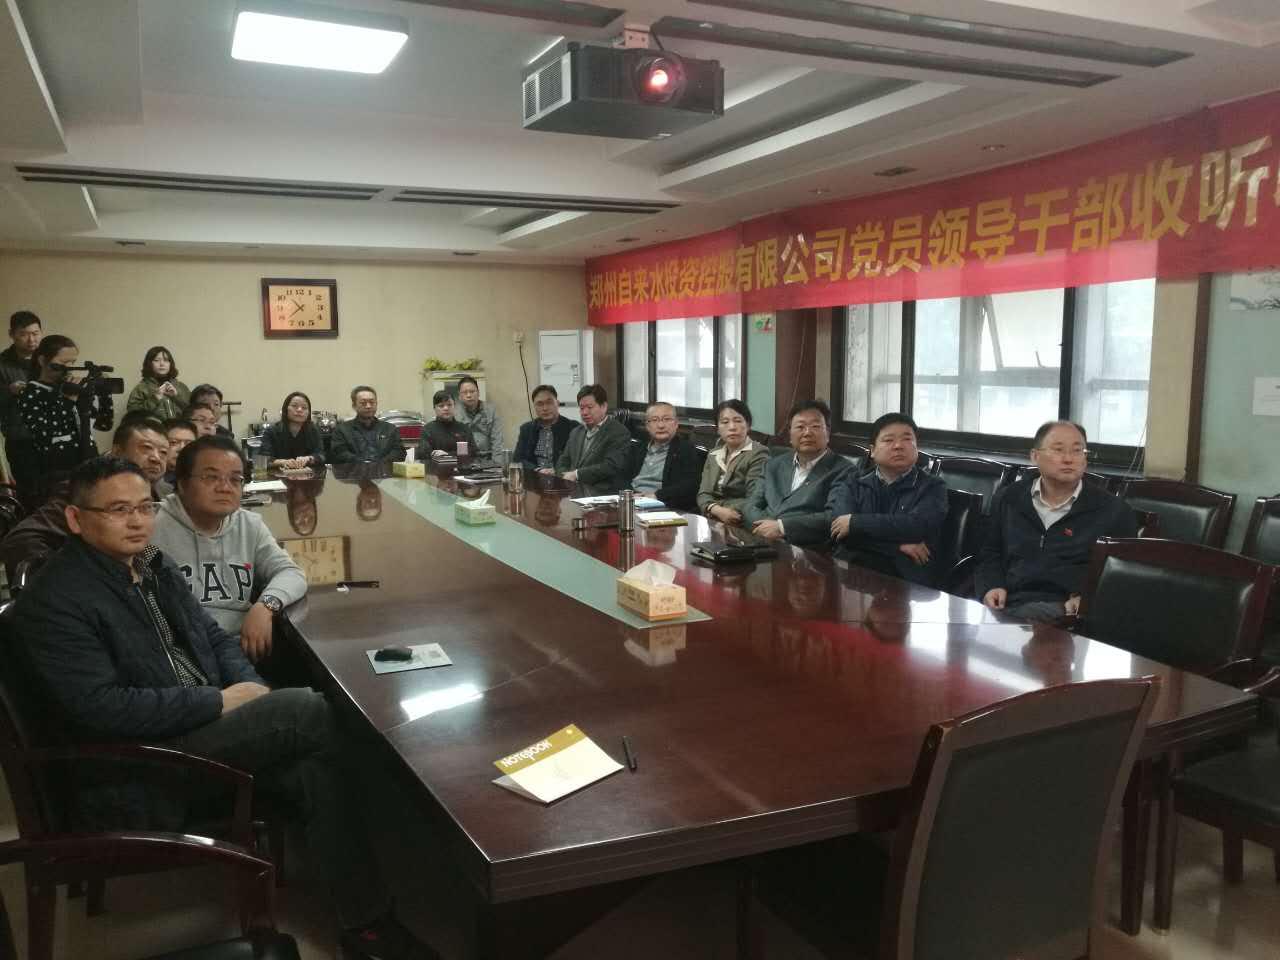 郑州自来水公司干群收听收看十九大开幕会